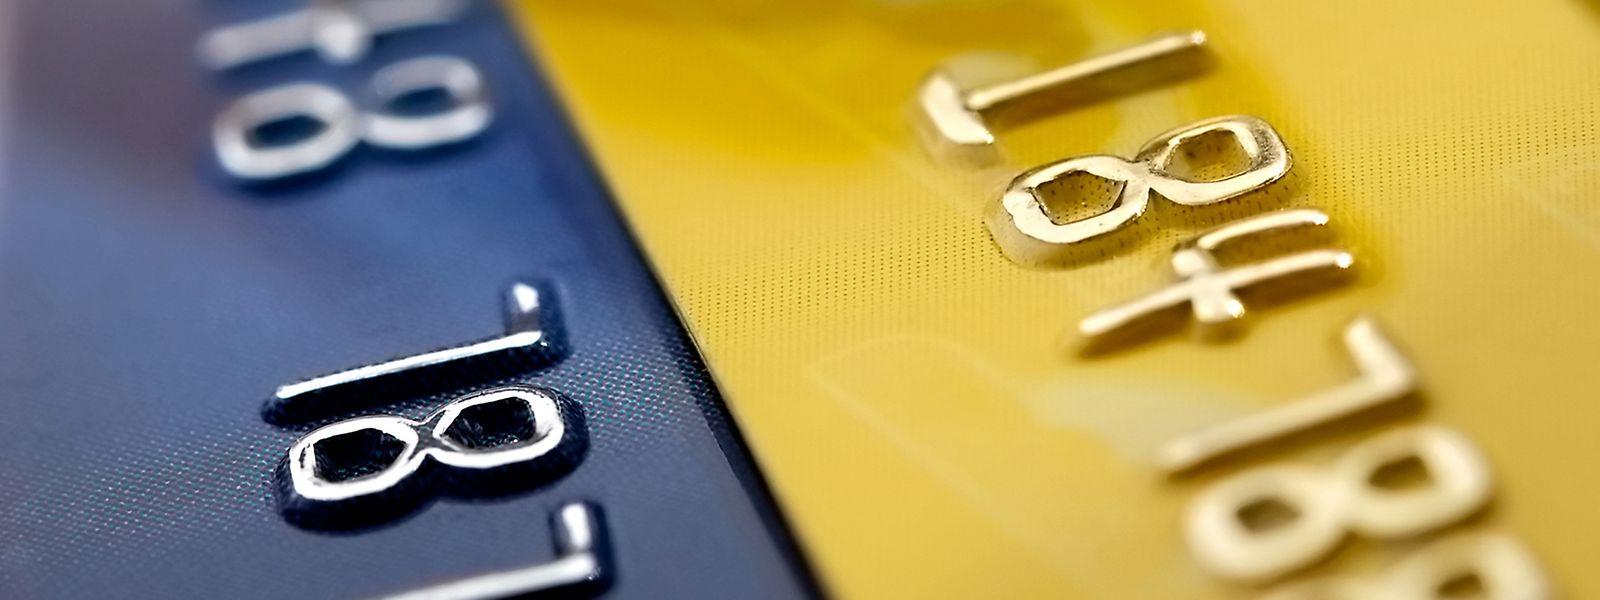 Das neue Verfahren soll Einkäufe im Internet mit der Kreditkarte sicherer machen.